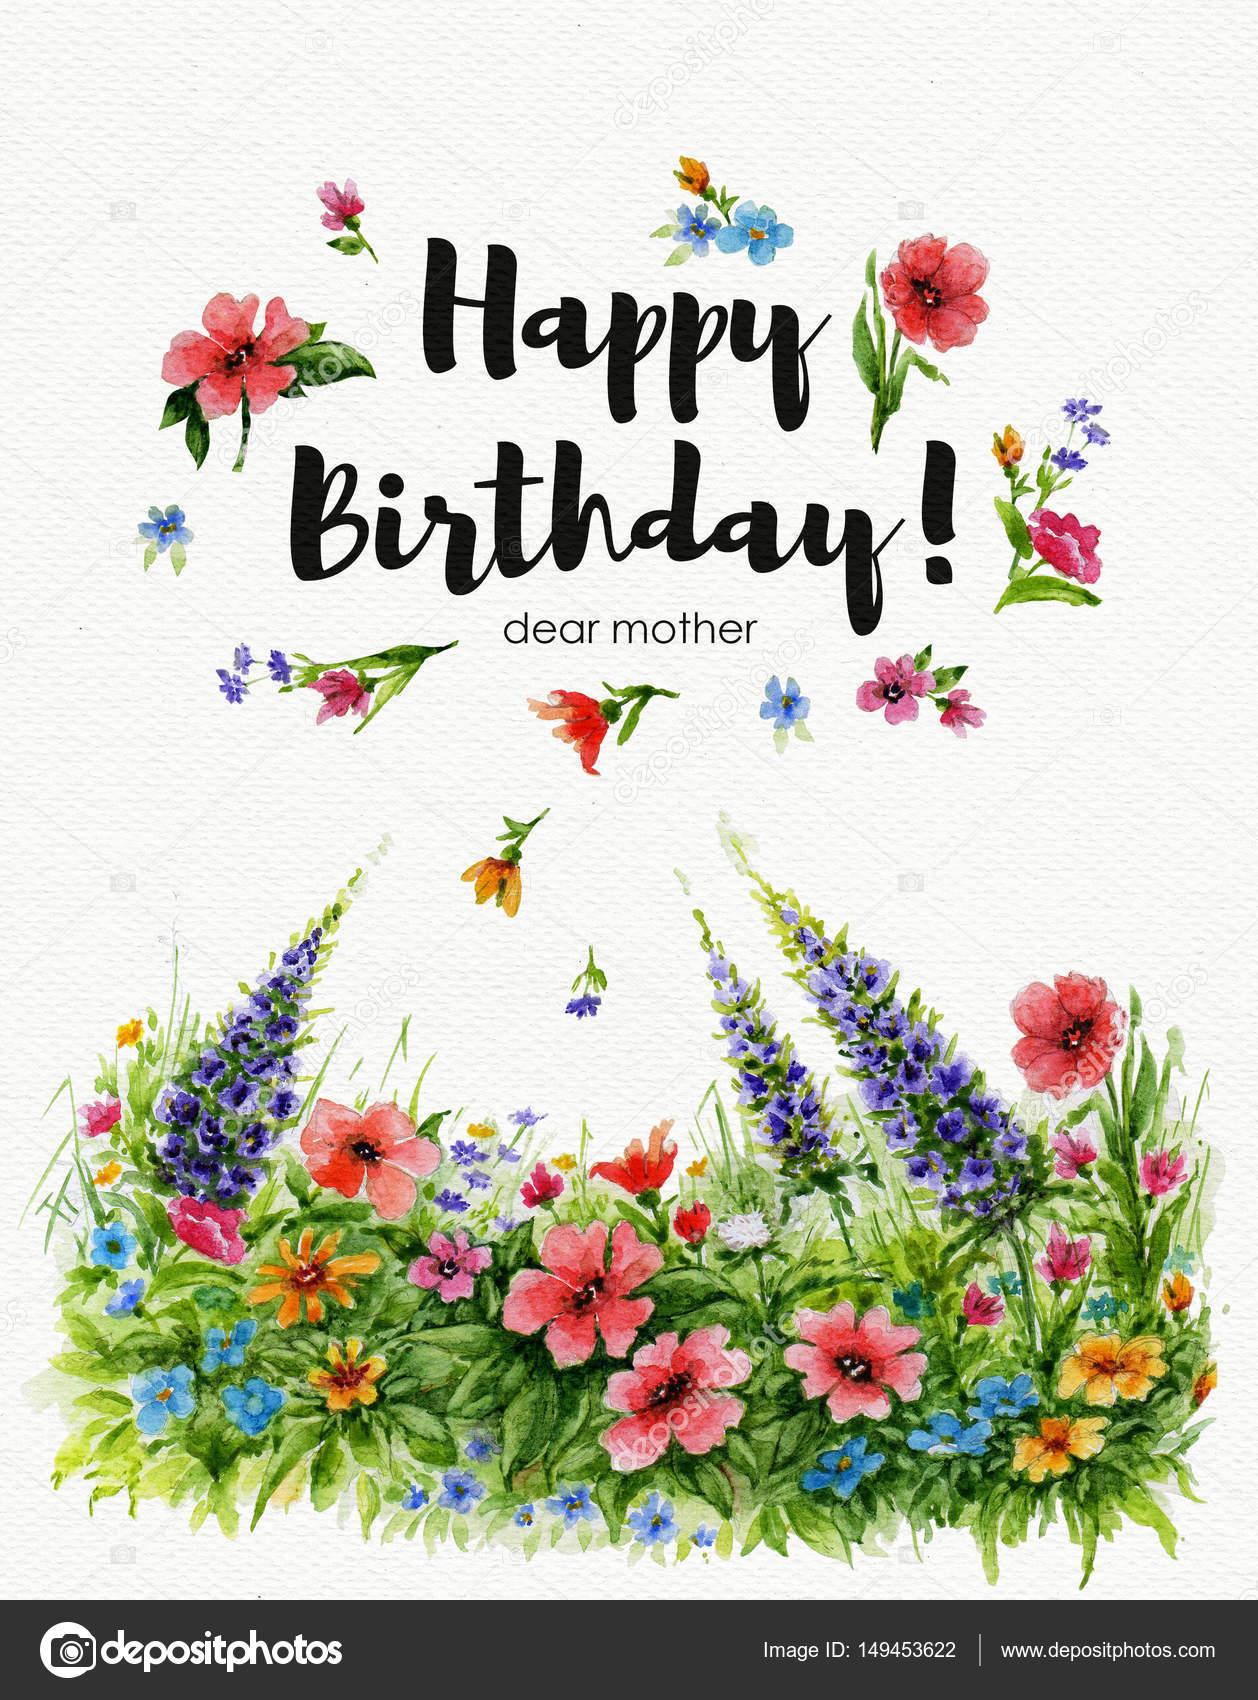 grattis på födelsedagen mormor Akvarell gratulationskort Grattis på födelsedagen kära mormor med  grattis på födelsedagen mormor